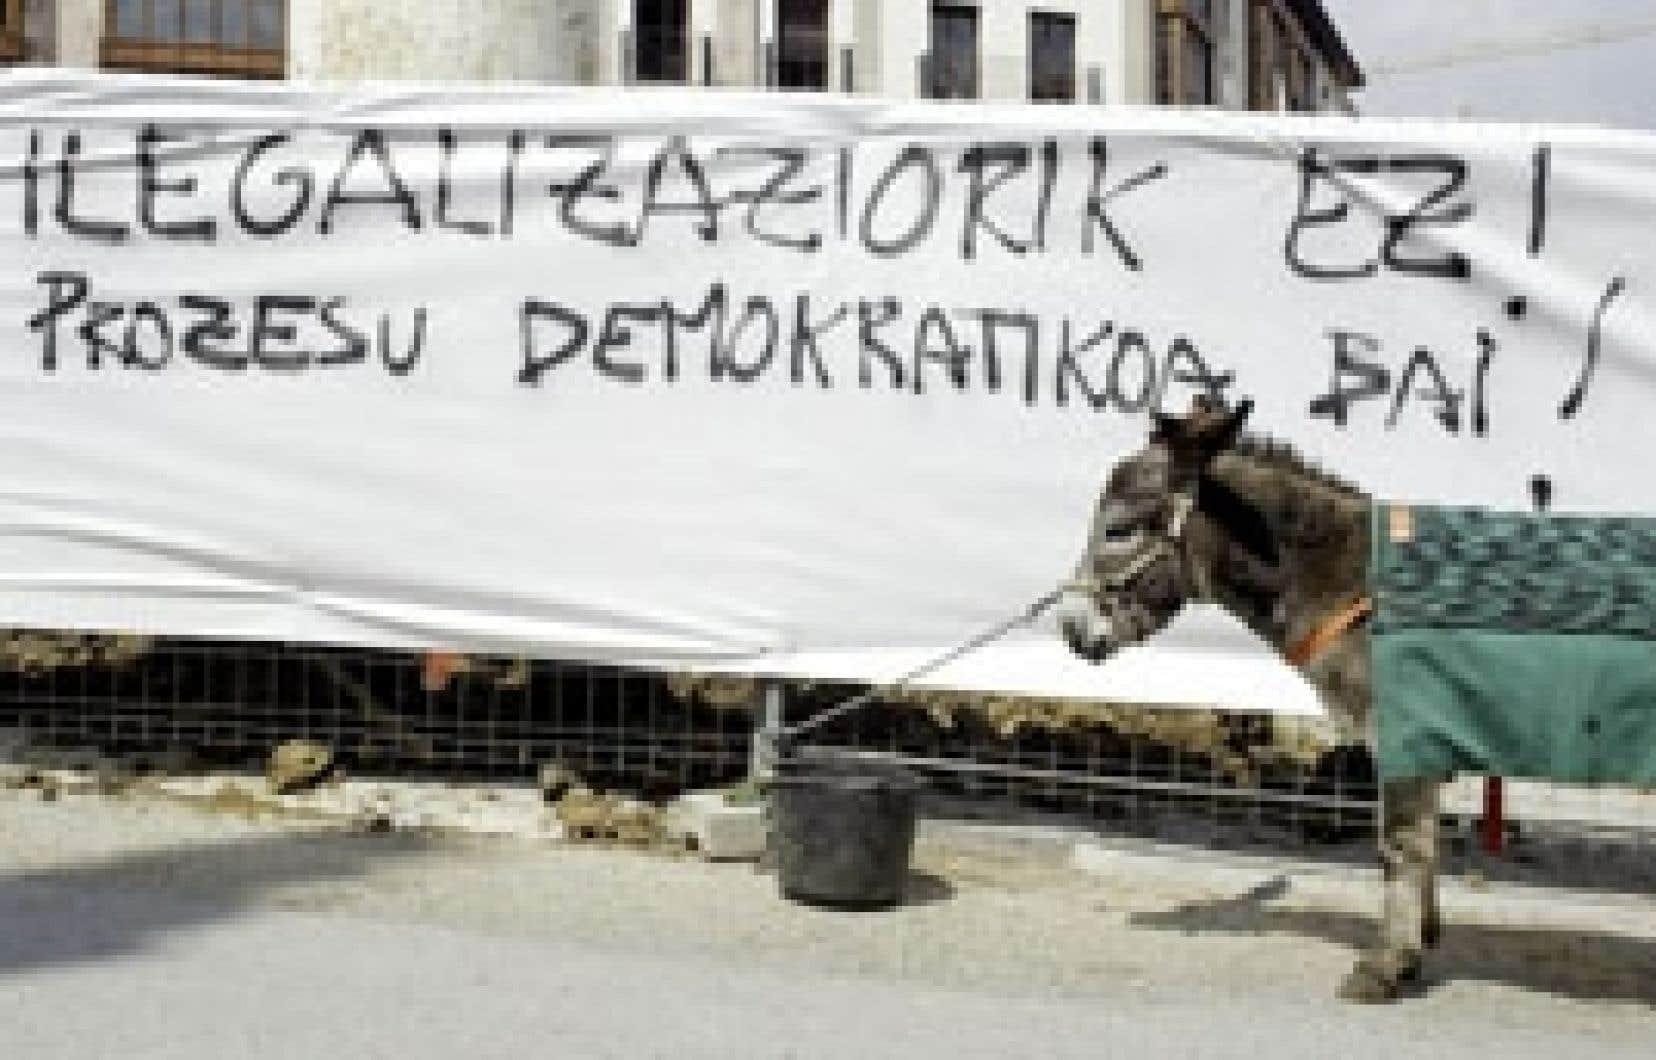 Vincent West reuters «Non à l'illégalisation, place à la démocratie maintenant!» pouvait-on lire hier à Balmaseda.